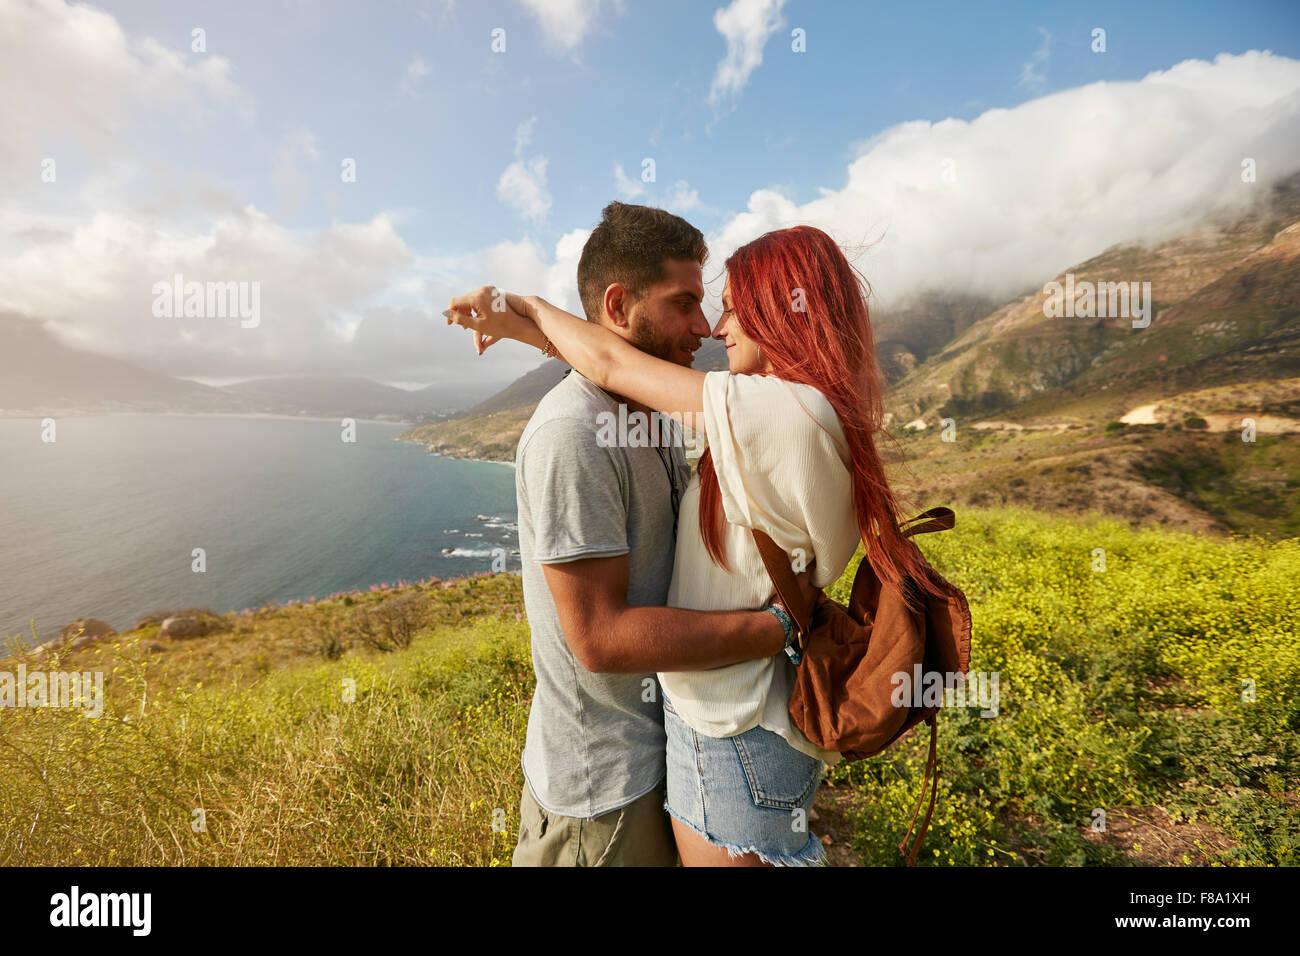 Vue latérale du couple en vacances. L'homme et la femme enlacés à l'extérieur. Photo Stock